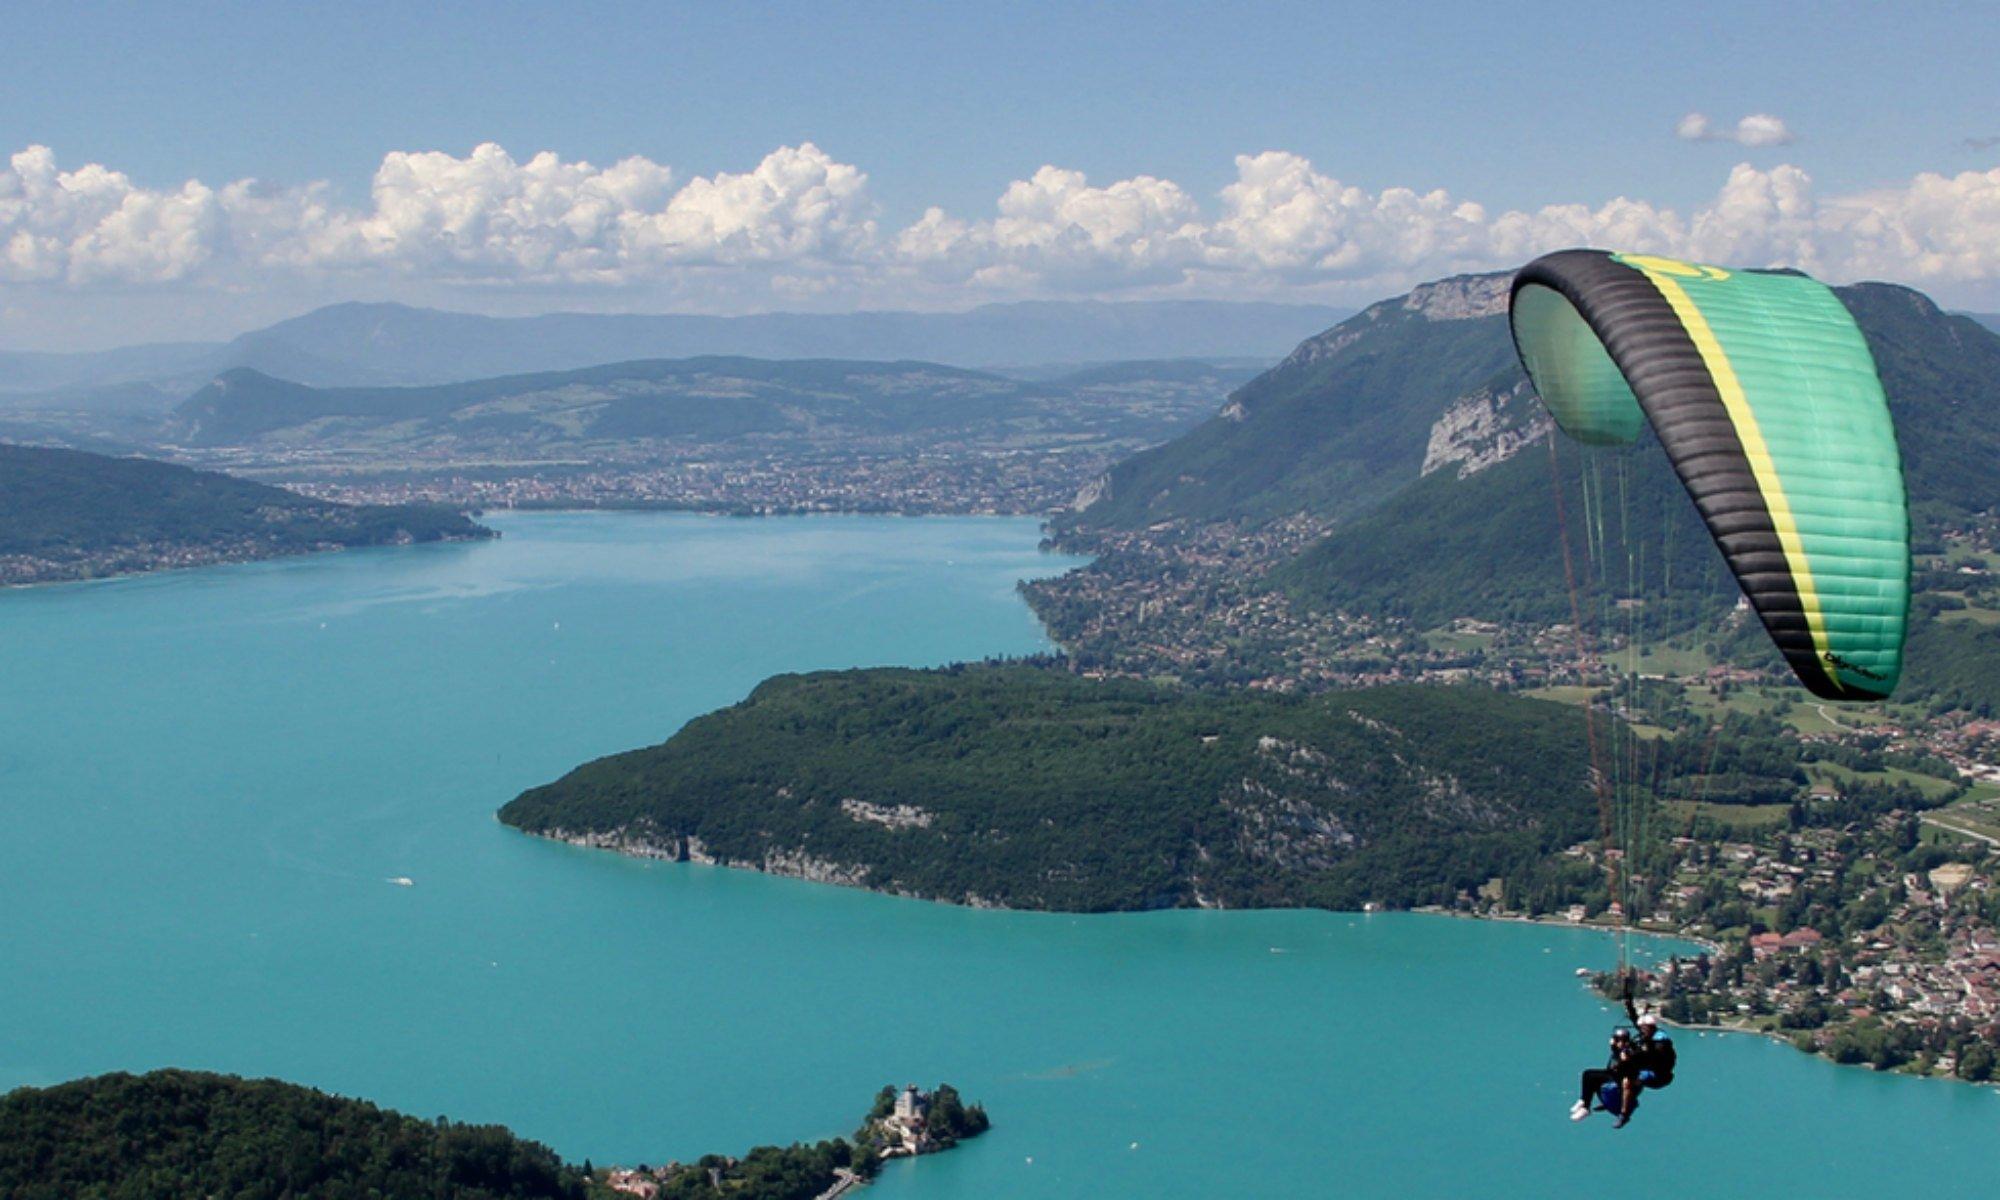 Un parapente tandem au-dessus du lac d'Annecy.